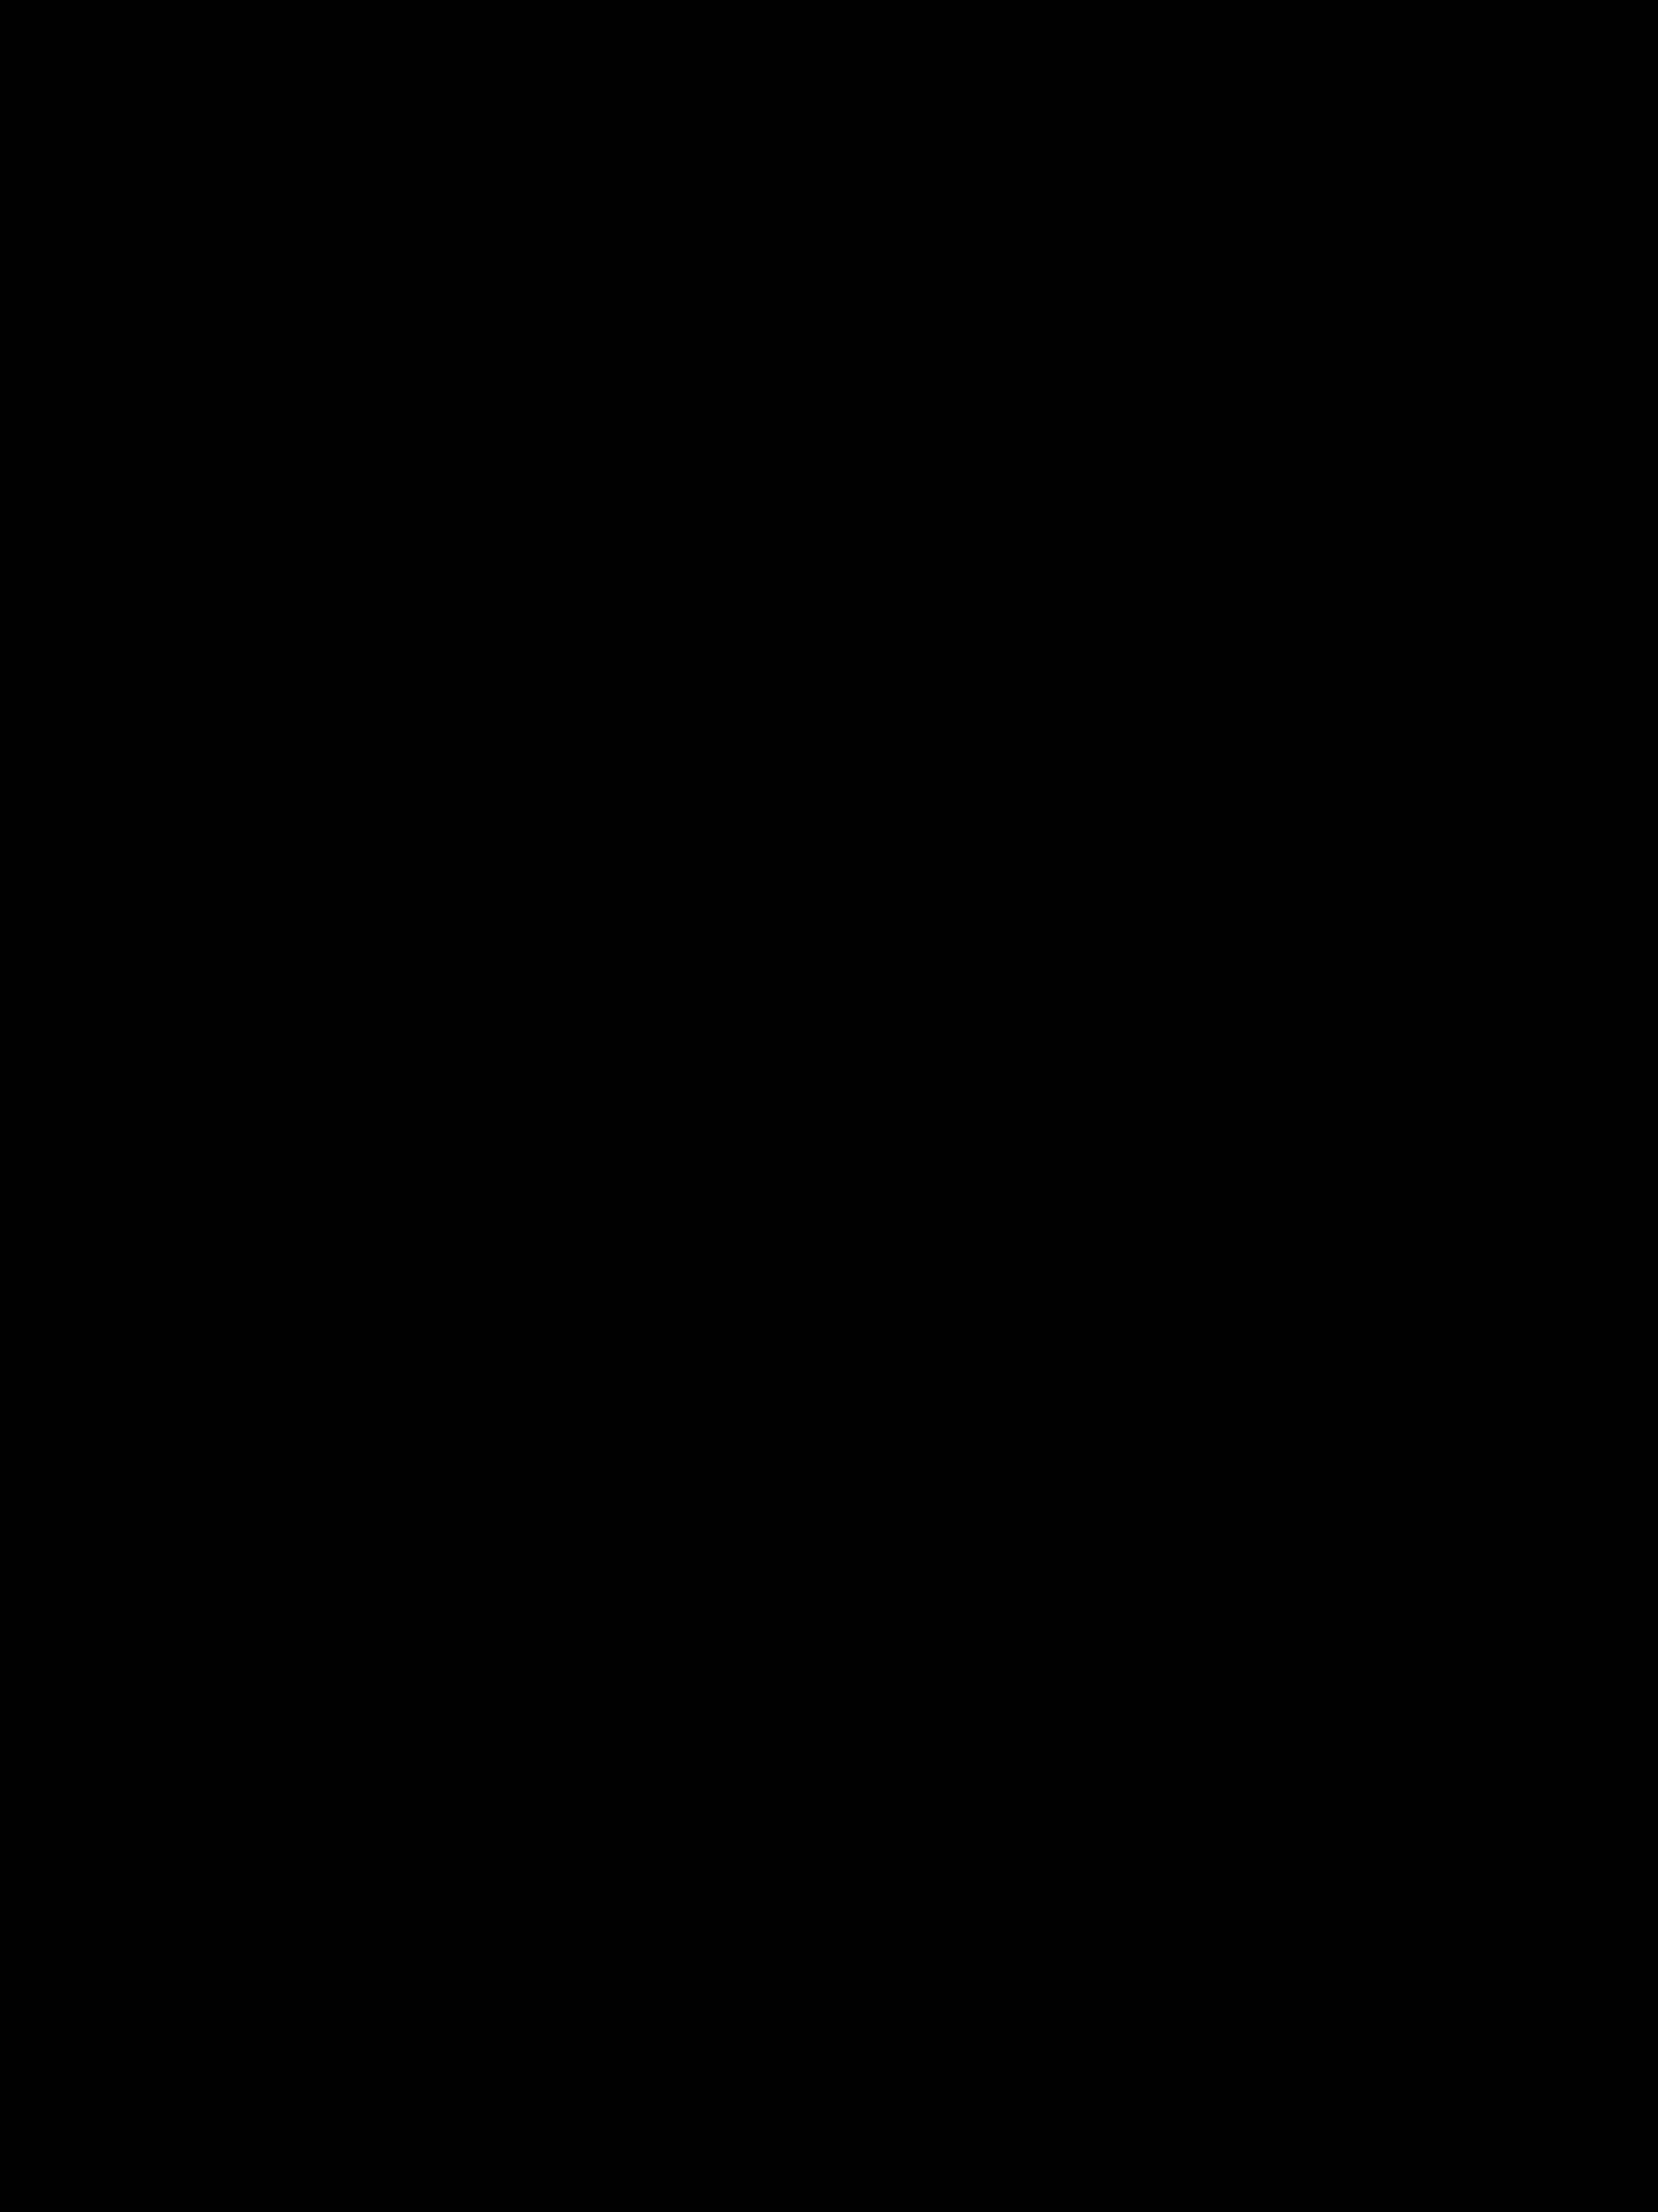 Ipad Vertical_2048x2732_Deco_Black.png